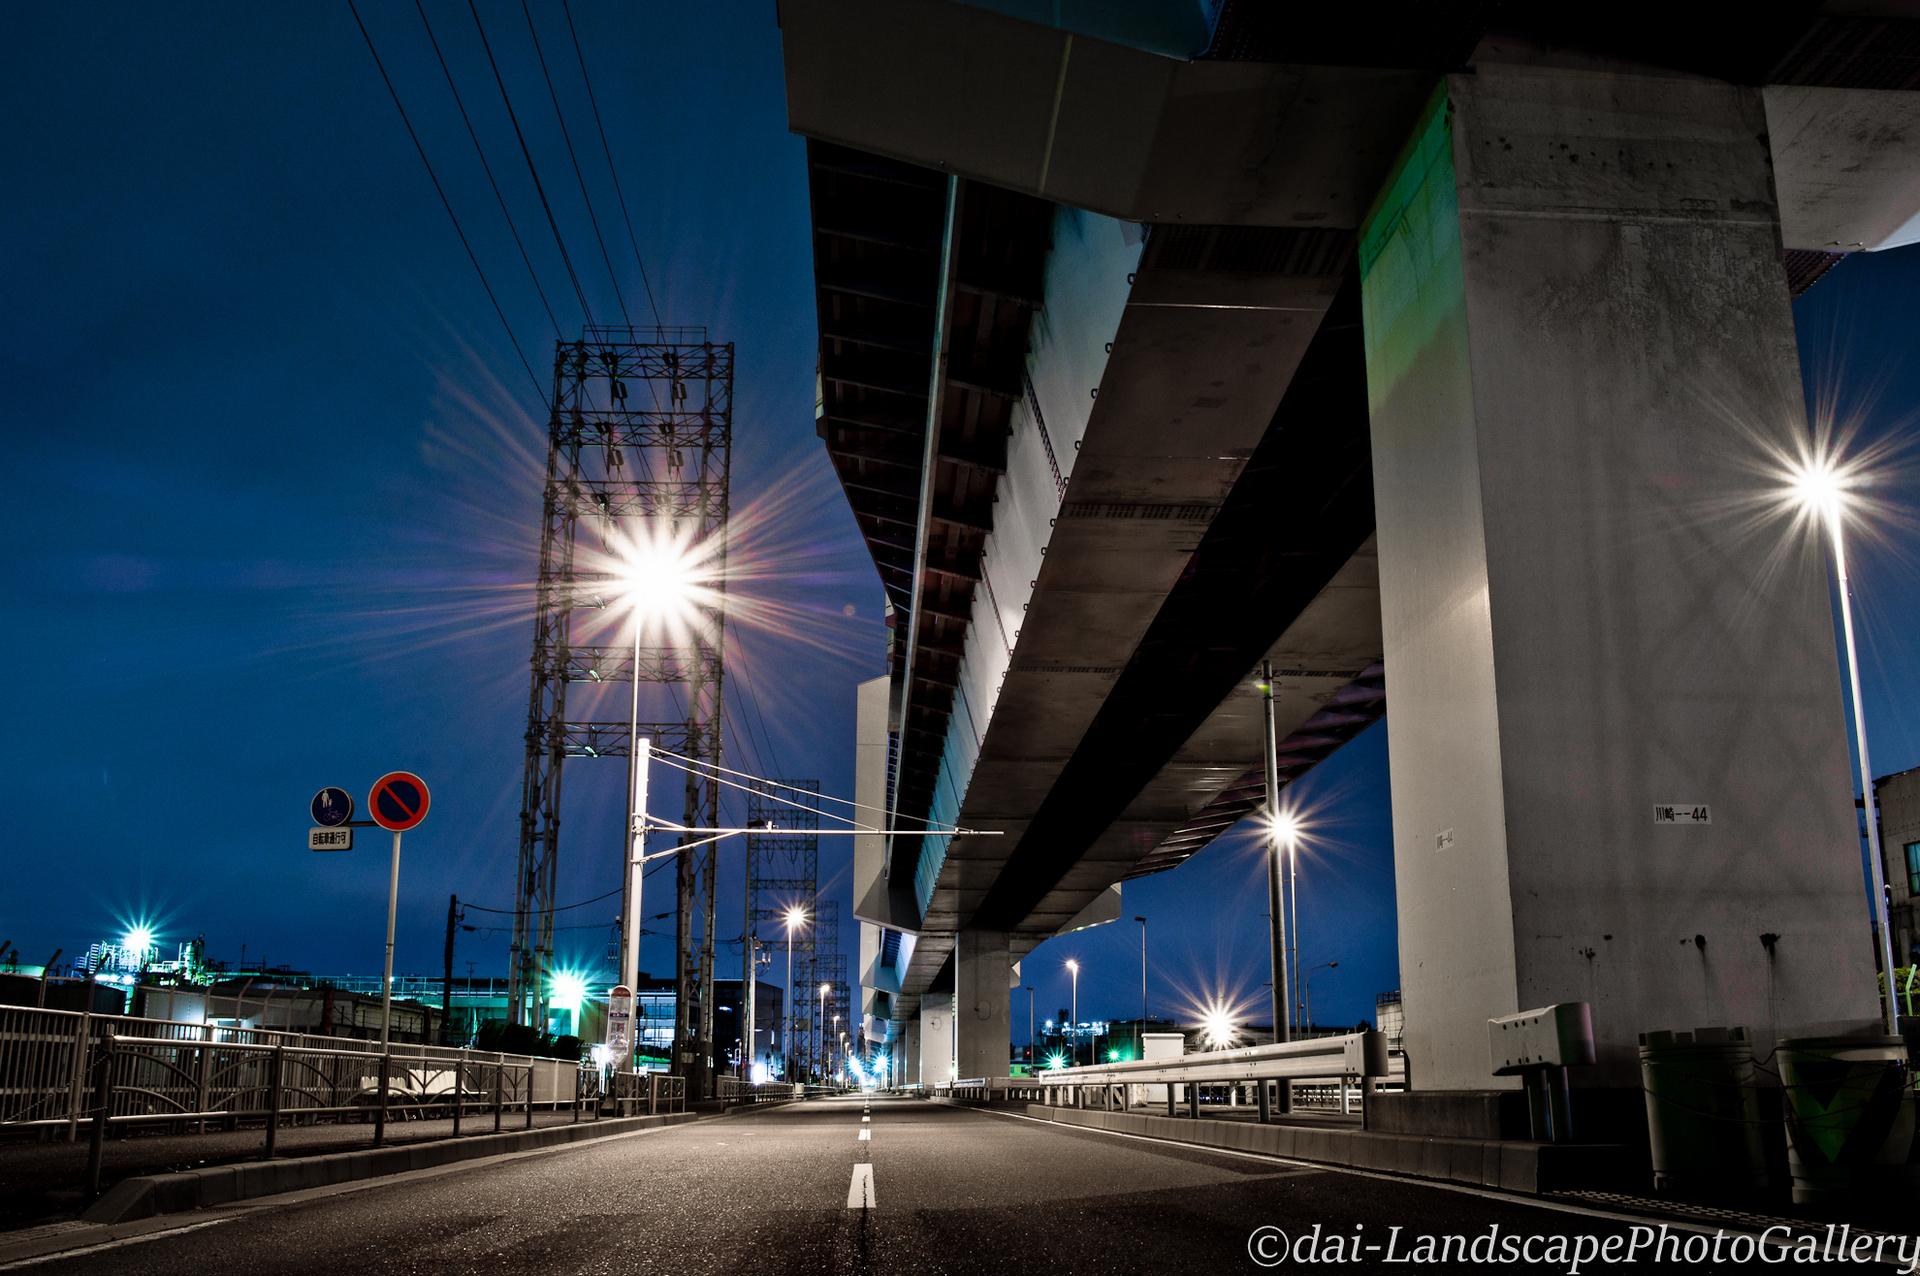 川崎浮島町首都高高架下夜景